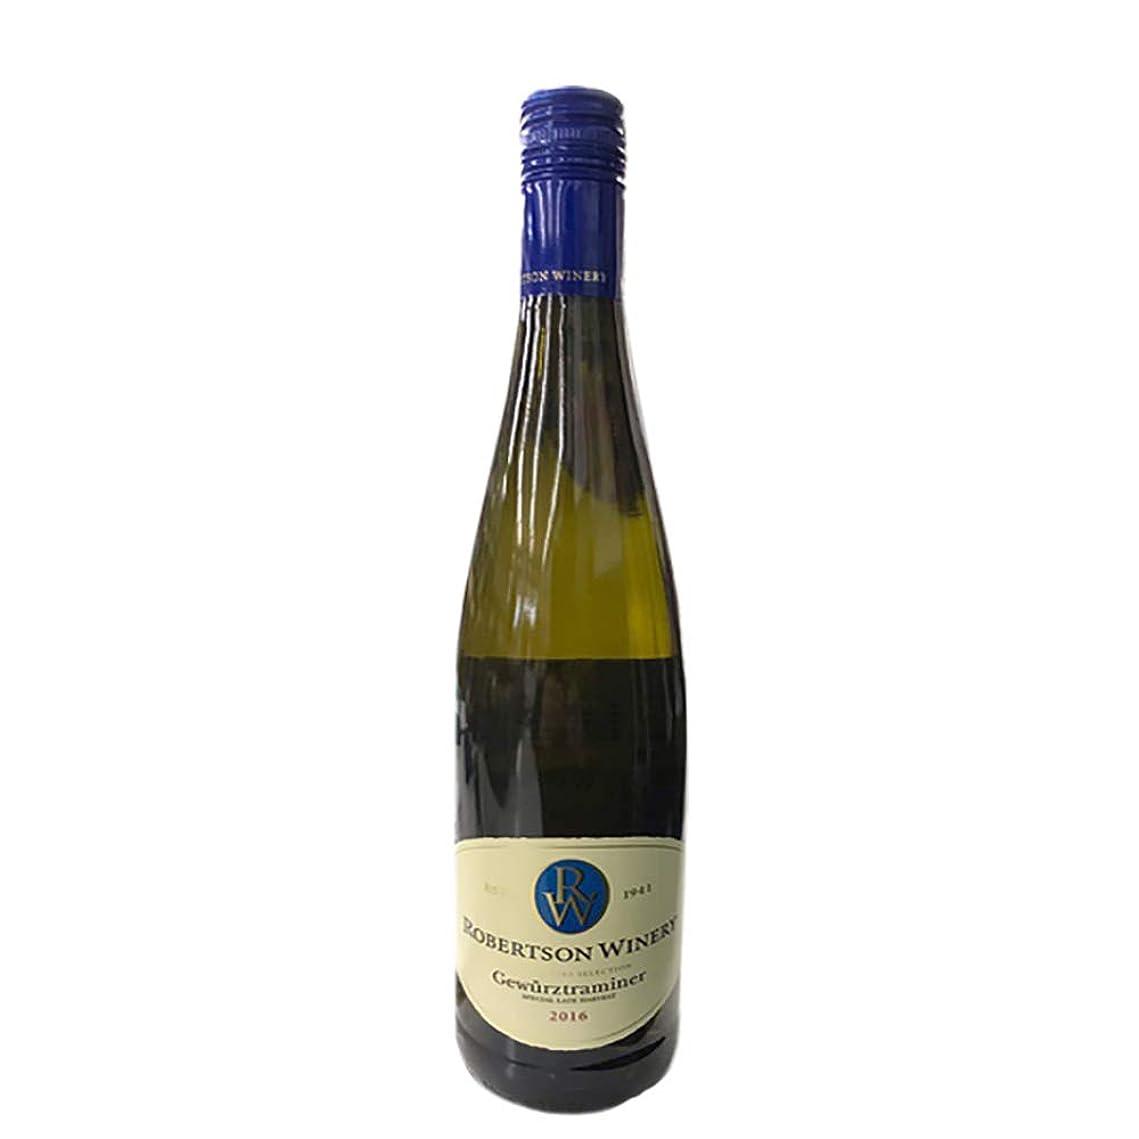 留め金ハングブレンドロバートソン ゲヴェルツトラミネール 750ml 白ワイン 甘口 南アフリカ